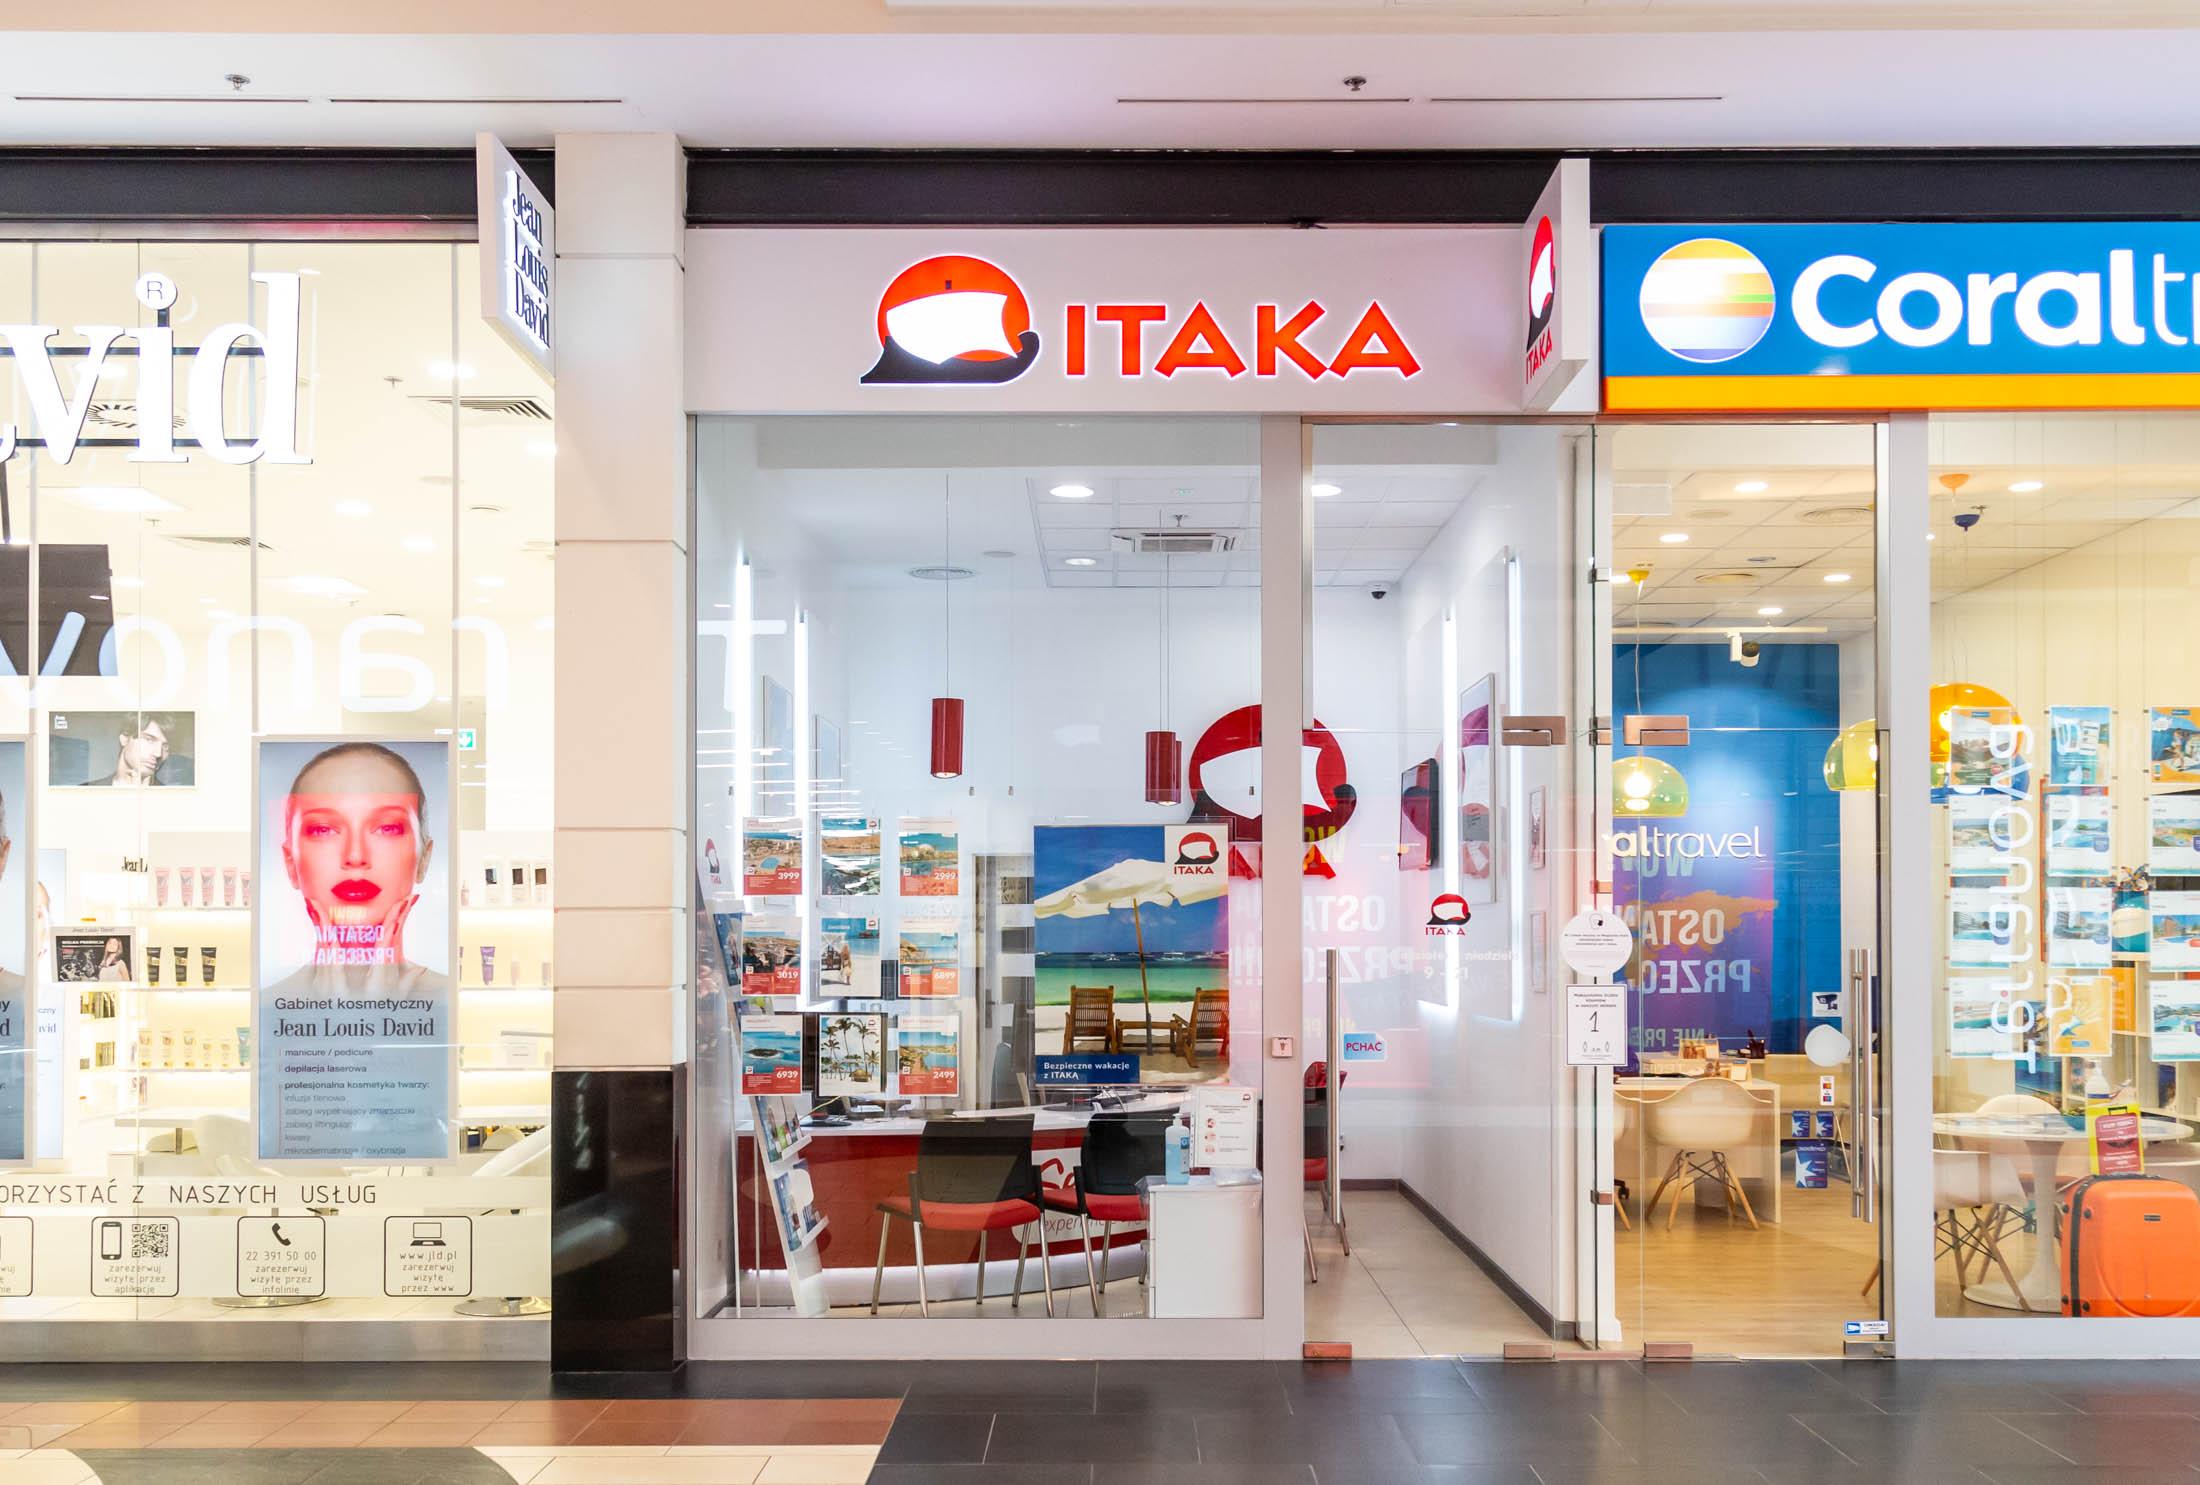 Itaka Biuro Podróży